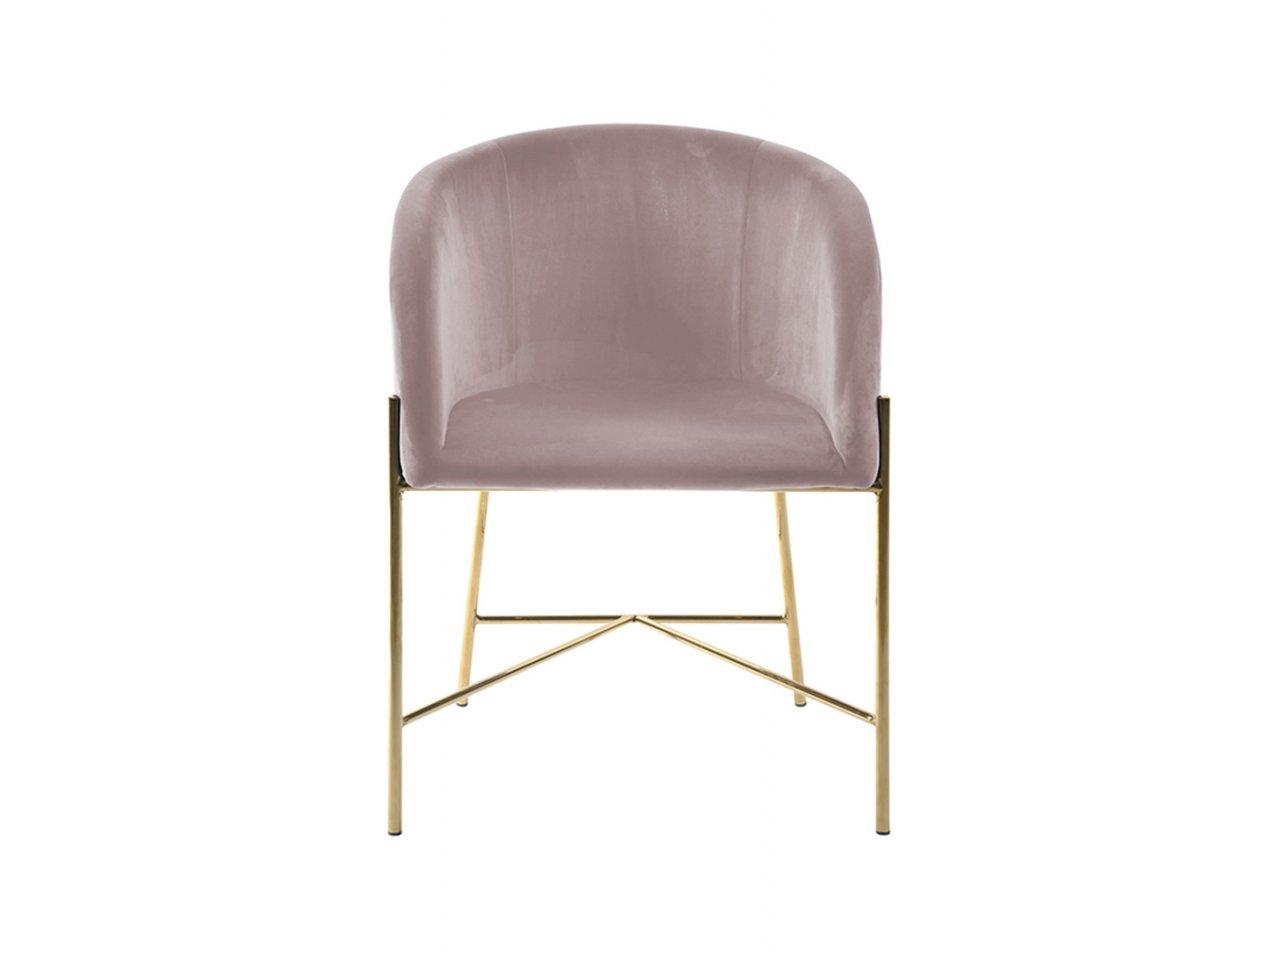 Sedia con braccioli Bobbio - v3